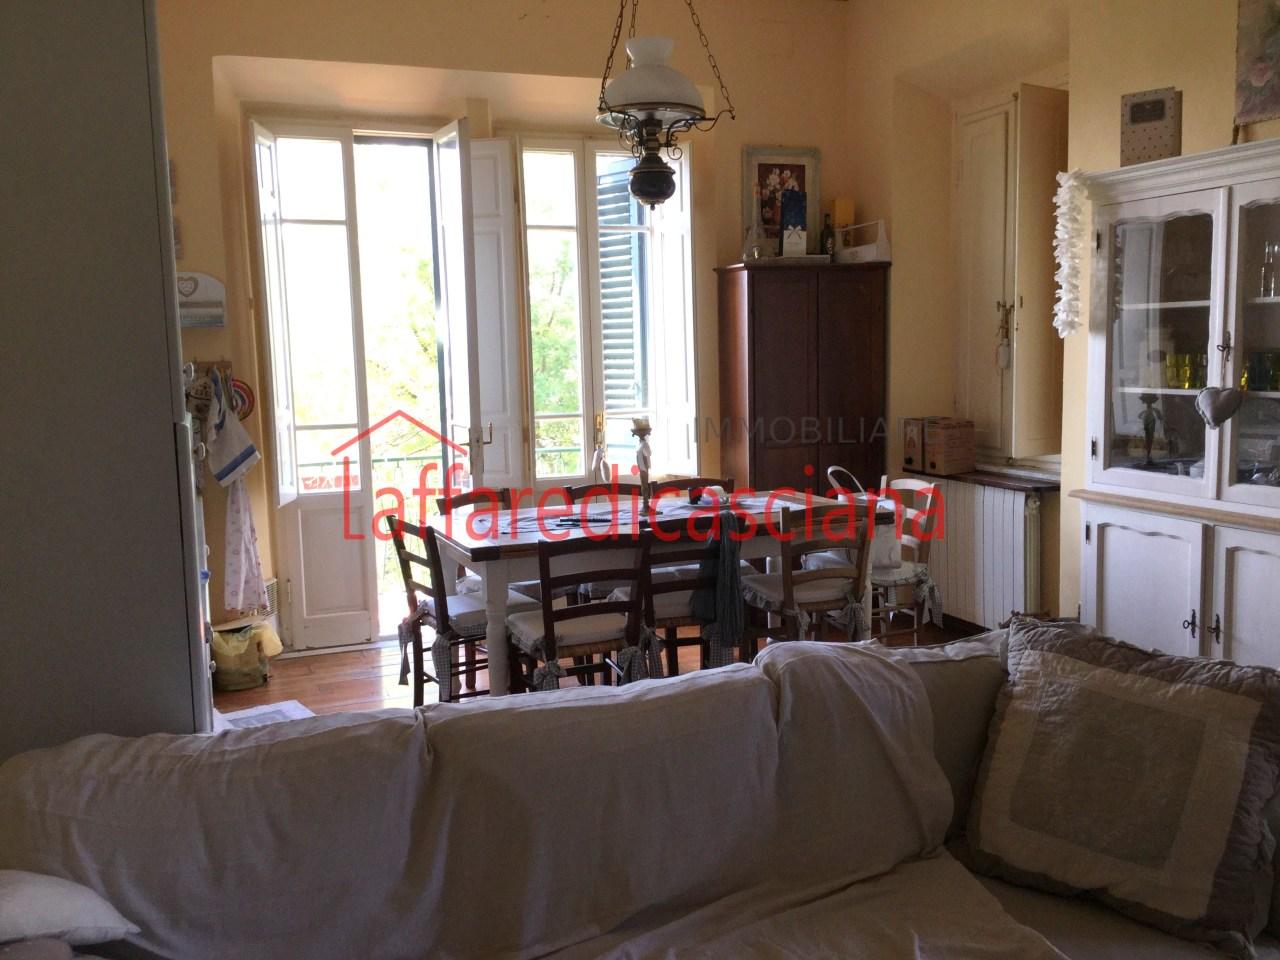 Appartamento in vendita a Terricciola, 3 locali, prezzo € 118.000 | CambioCasa.it